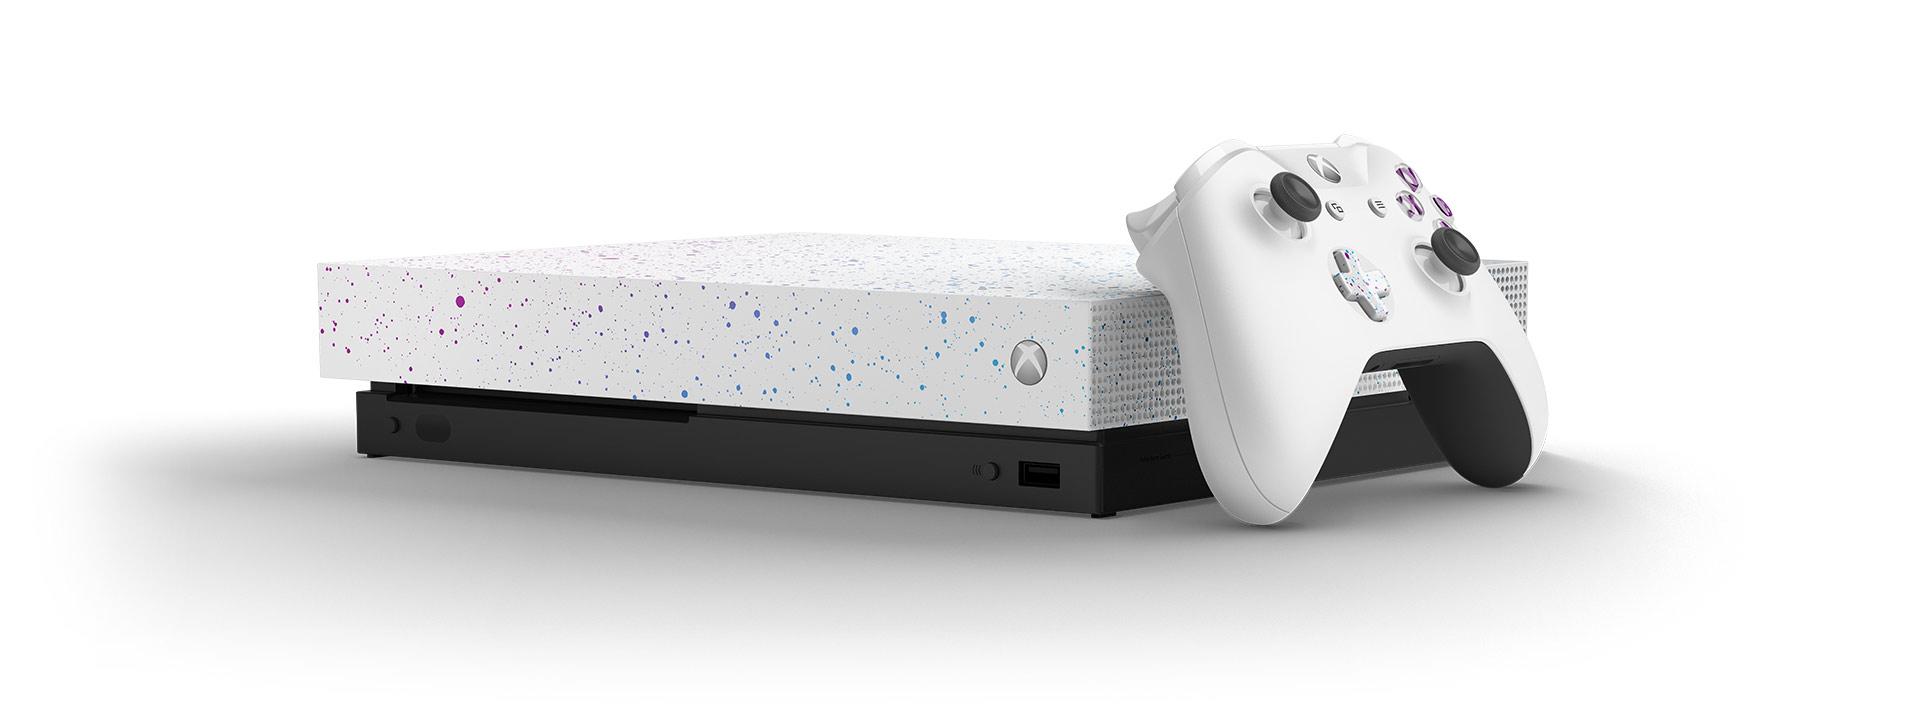 Xbox One X Edición Hyperspace